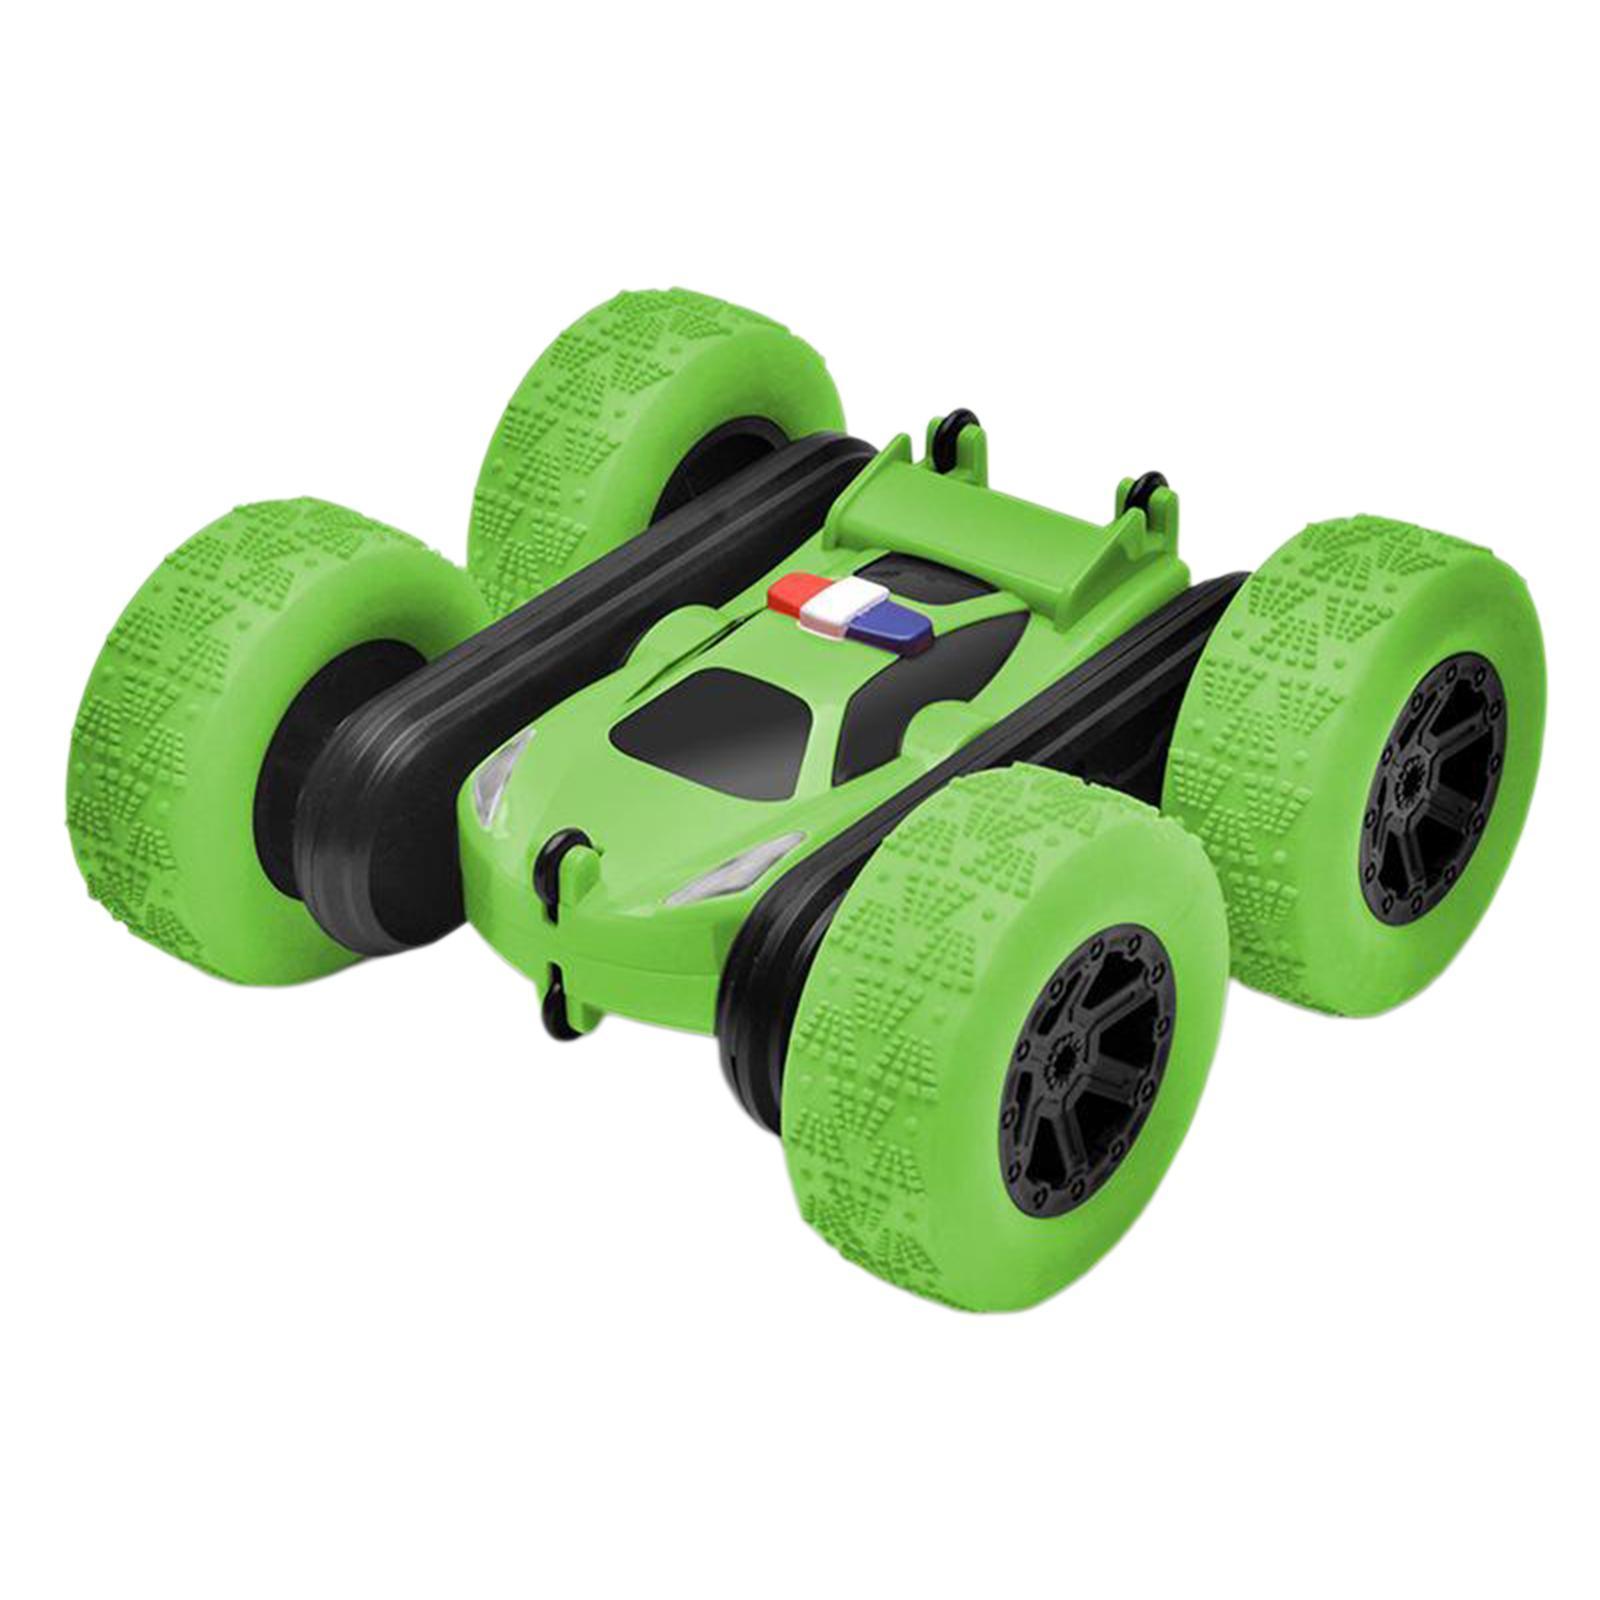 miniatura 57 - Telecomando Auto Stunt Car Giocattolo Per Bambini 2.4GHz di Controllo Remoto